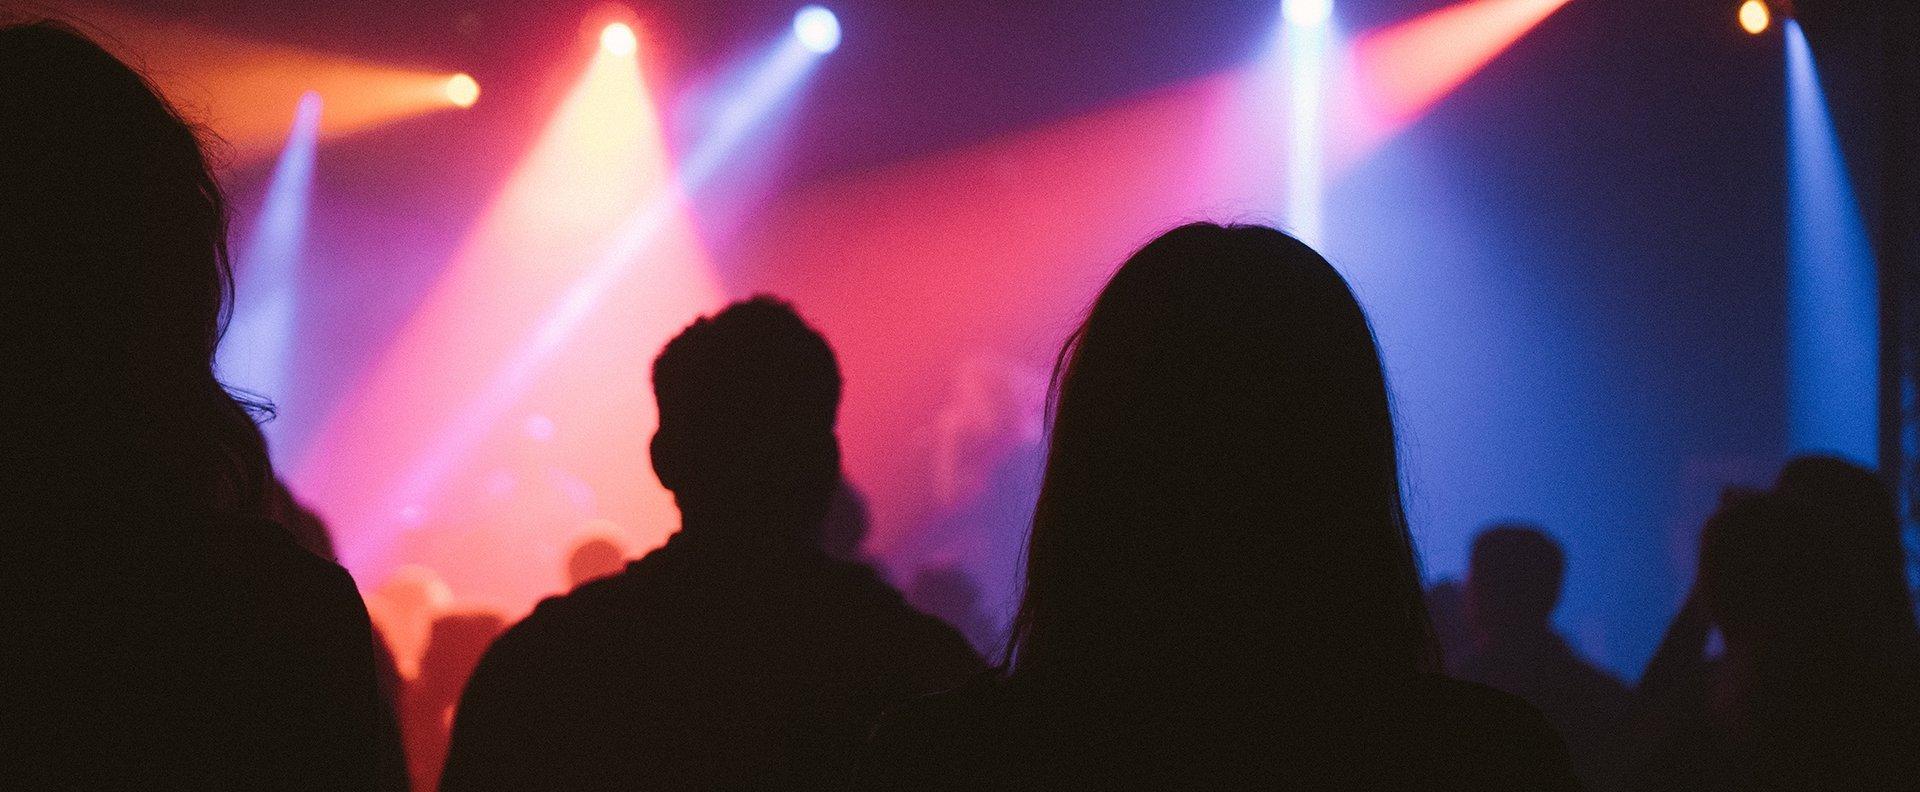 concert_1920x792